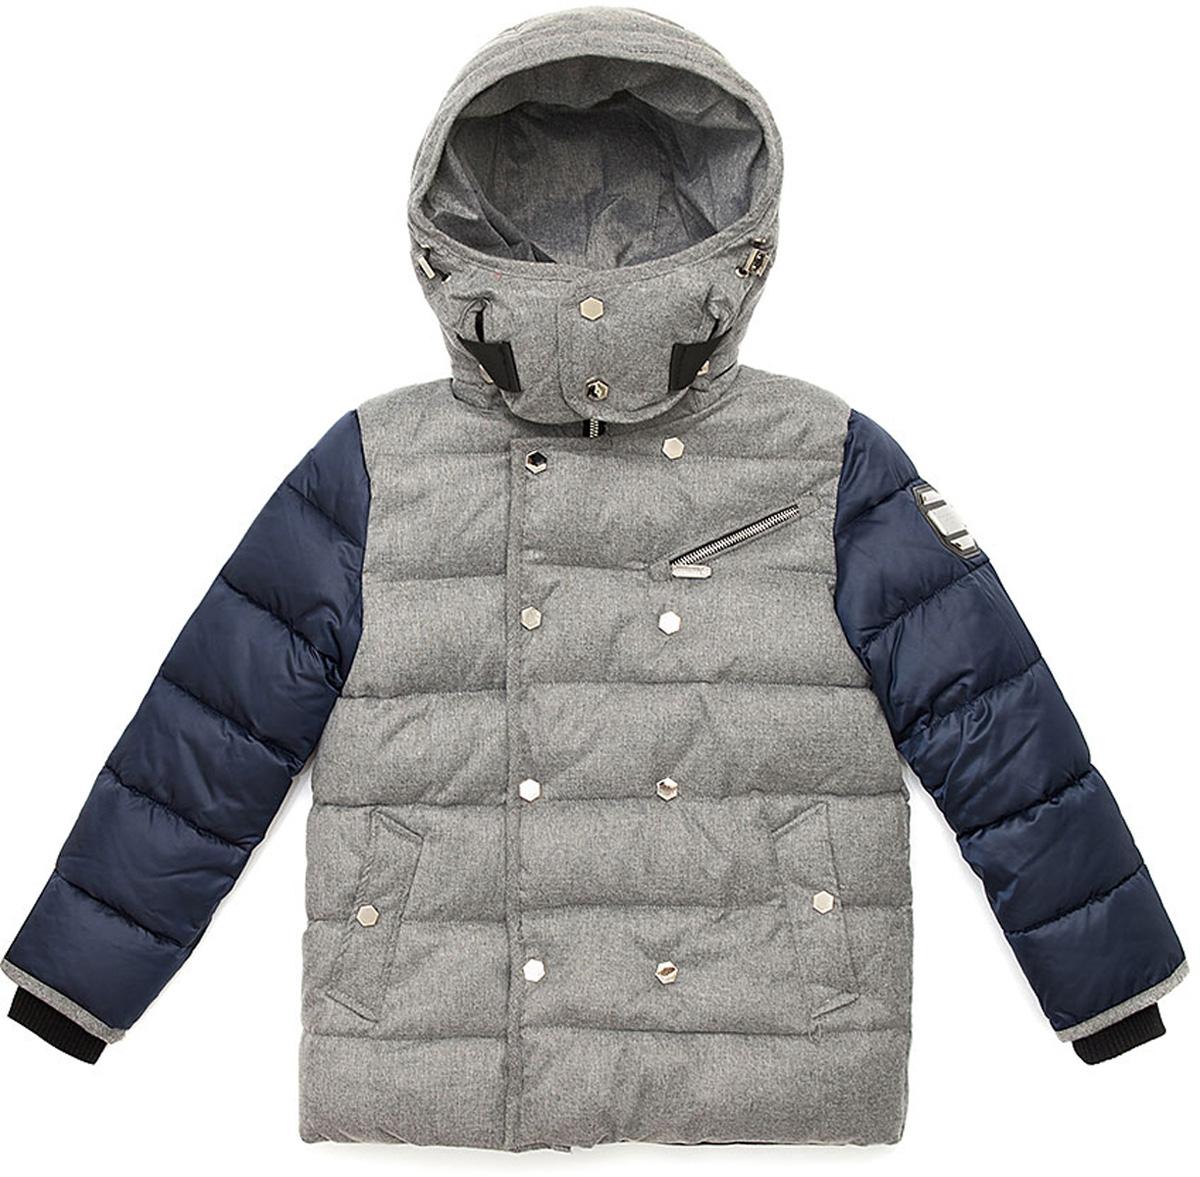 Куртка для мальчика Vitacci, цвет: синий. 1171486-04. Размер 1701171486-04Куртка для мальчика удлиненная. Подкладка дополнительно утеплена флисом по спинке. Наполнитель БИО ПУХ. Температурный режим от -5°С до -20°С.